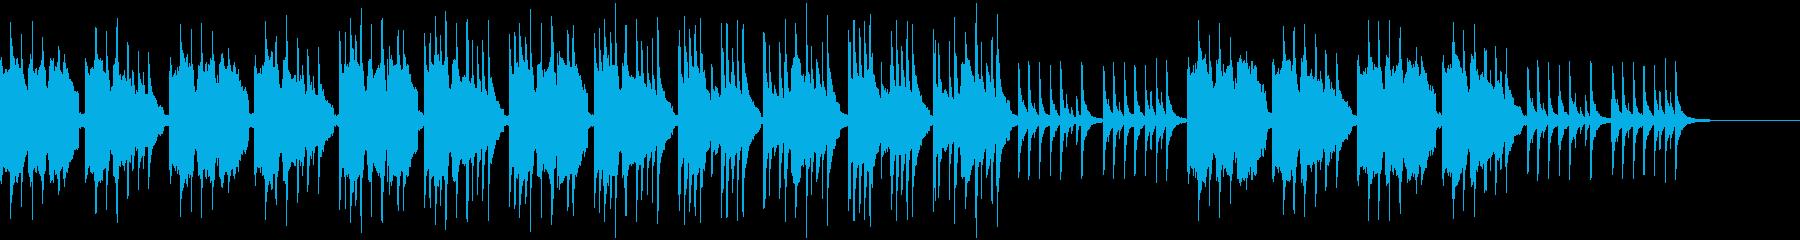 幽玄な雰囲気の和風BGMの再生済みの波形